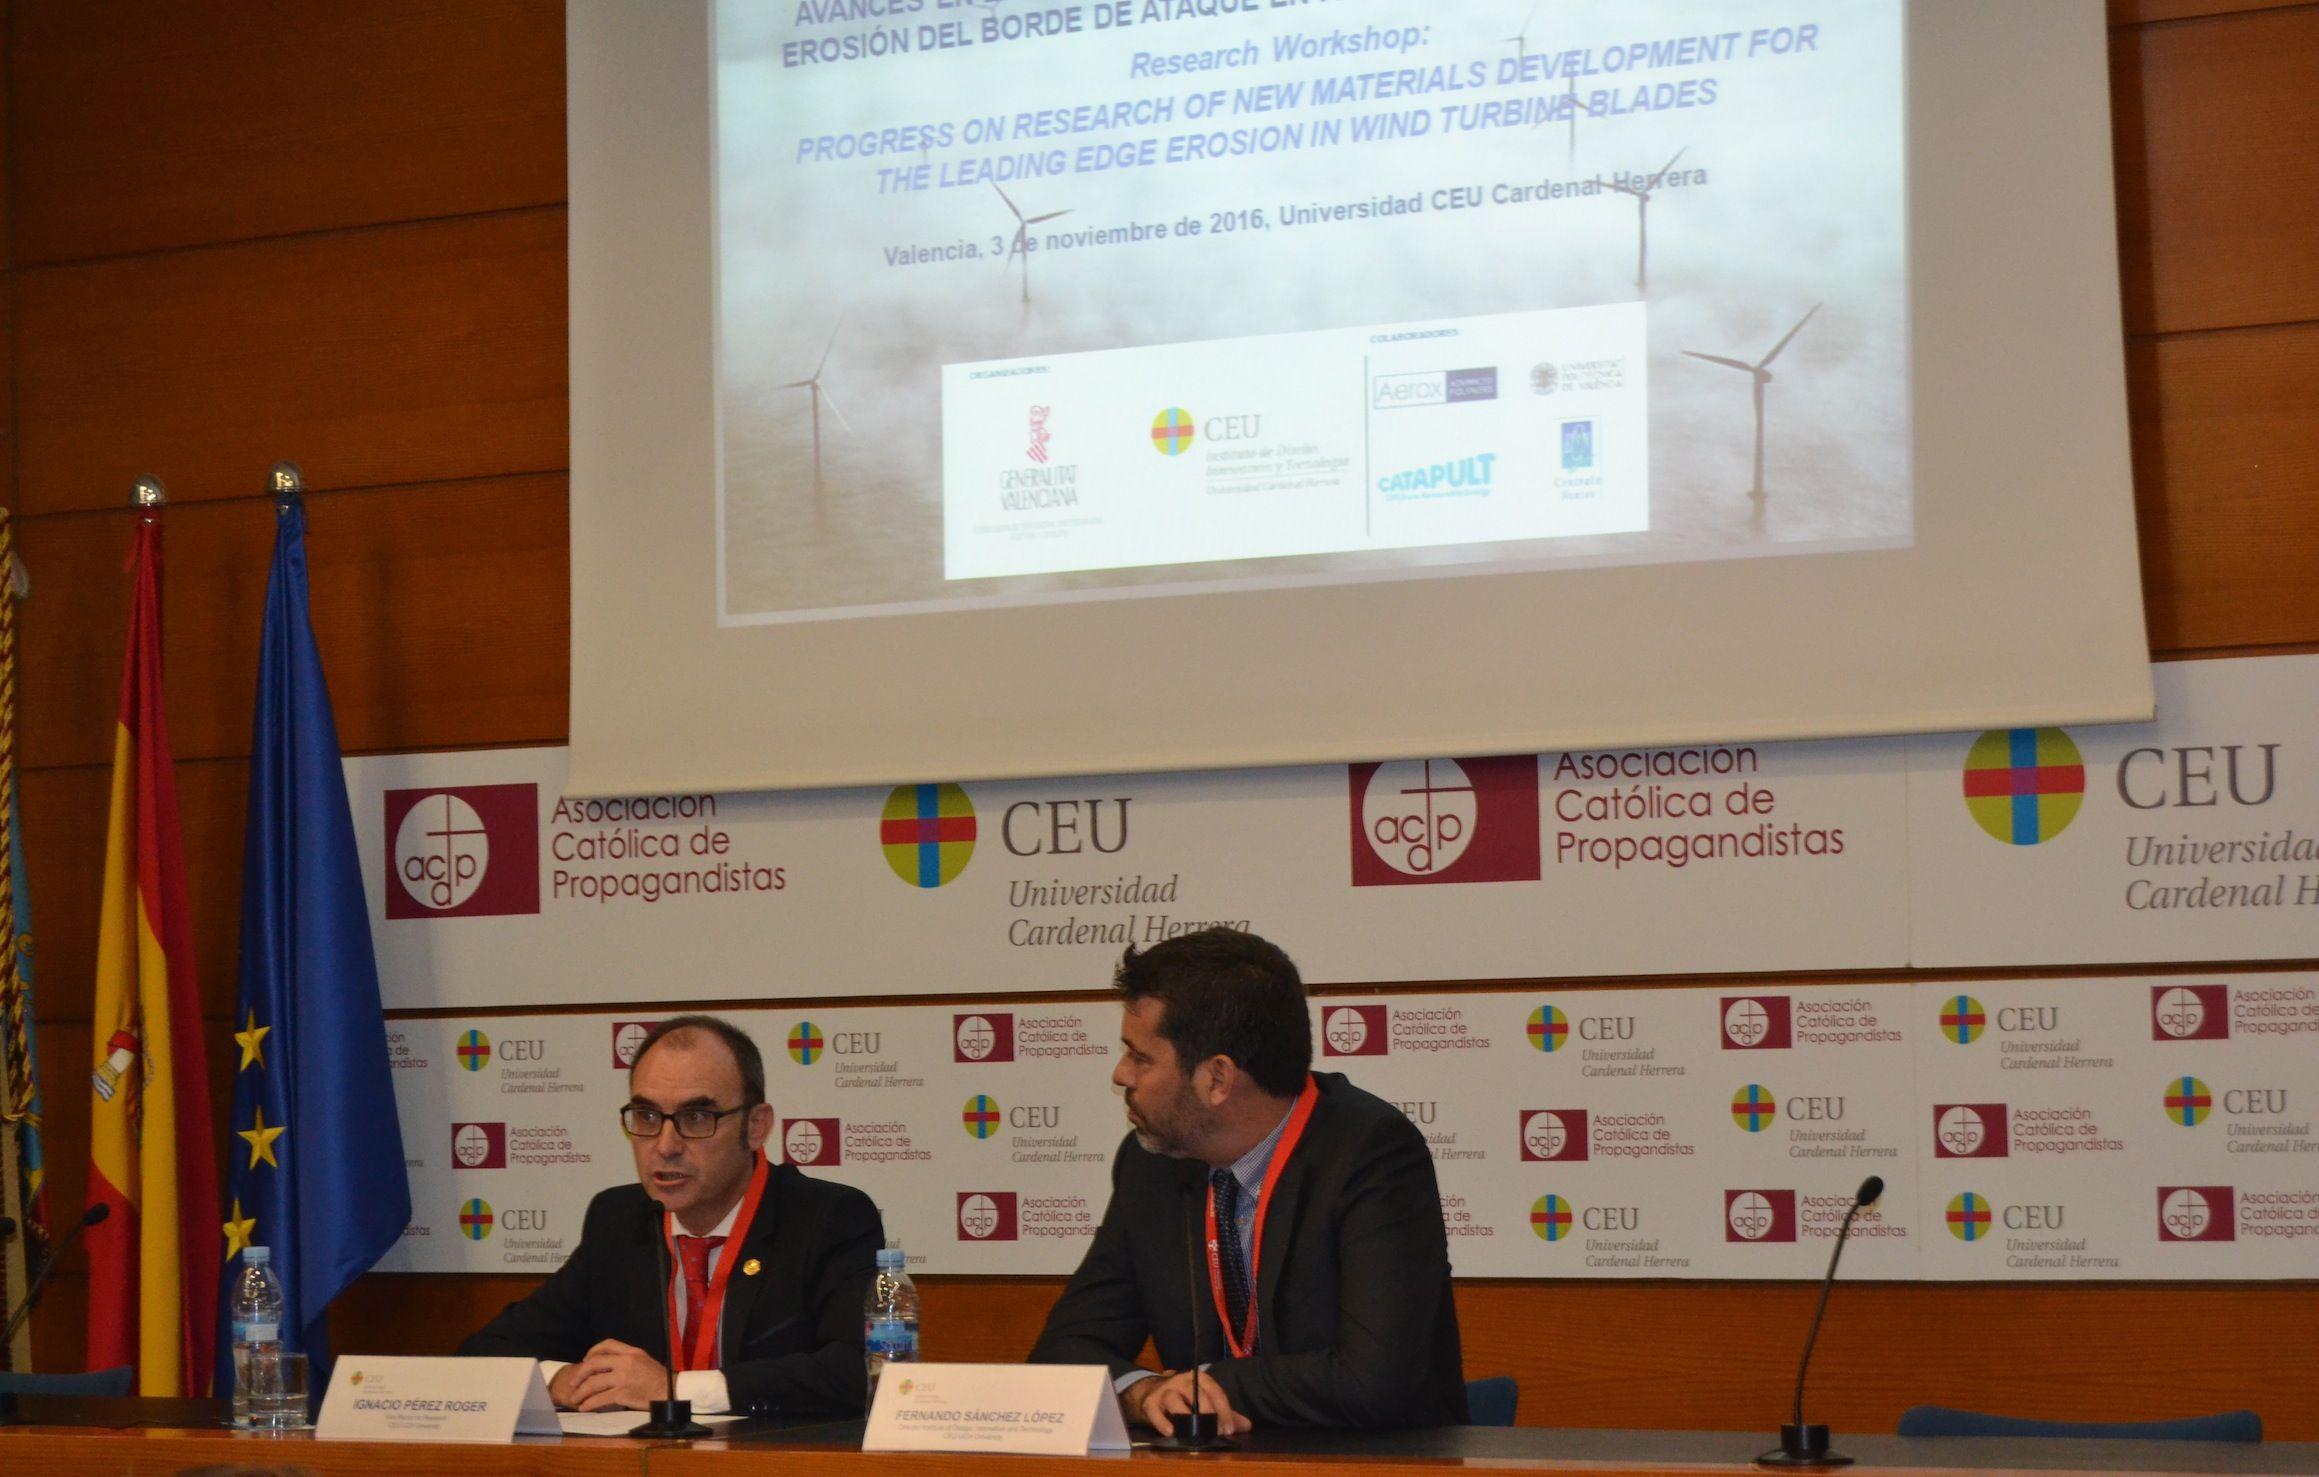 El vicerrector de Investigación de la CEU-UCH, Ignacio Pérez, y el director del IDIT-CEU, Fernando Sánchez.